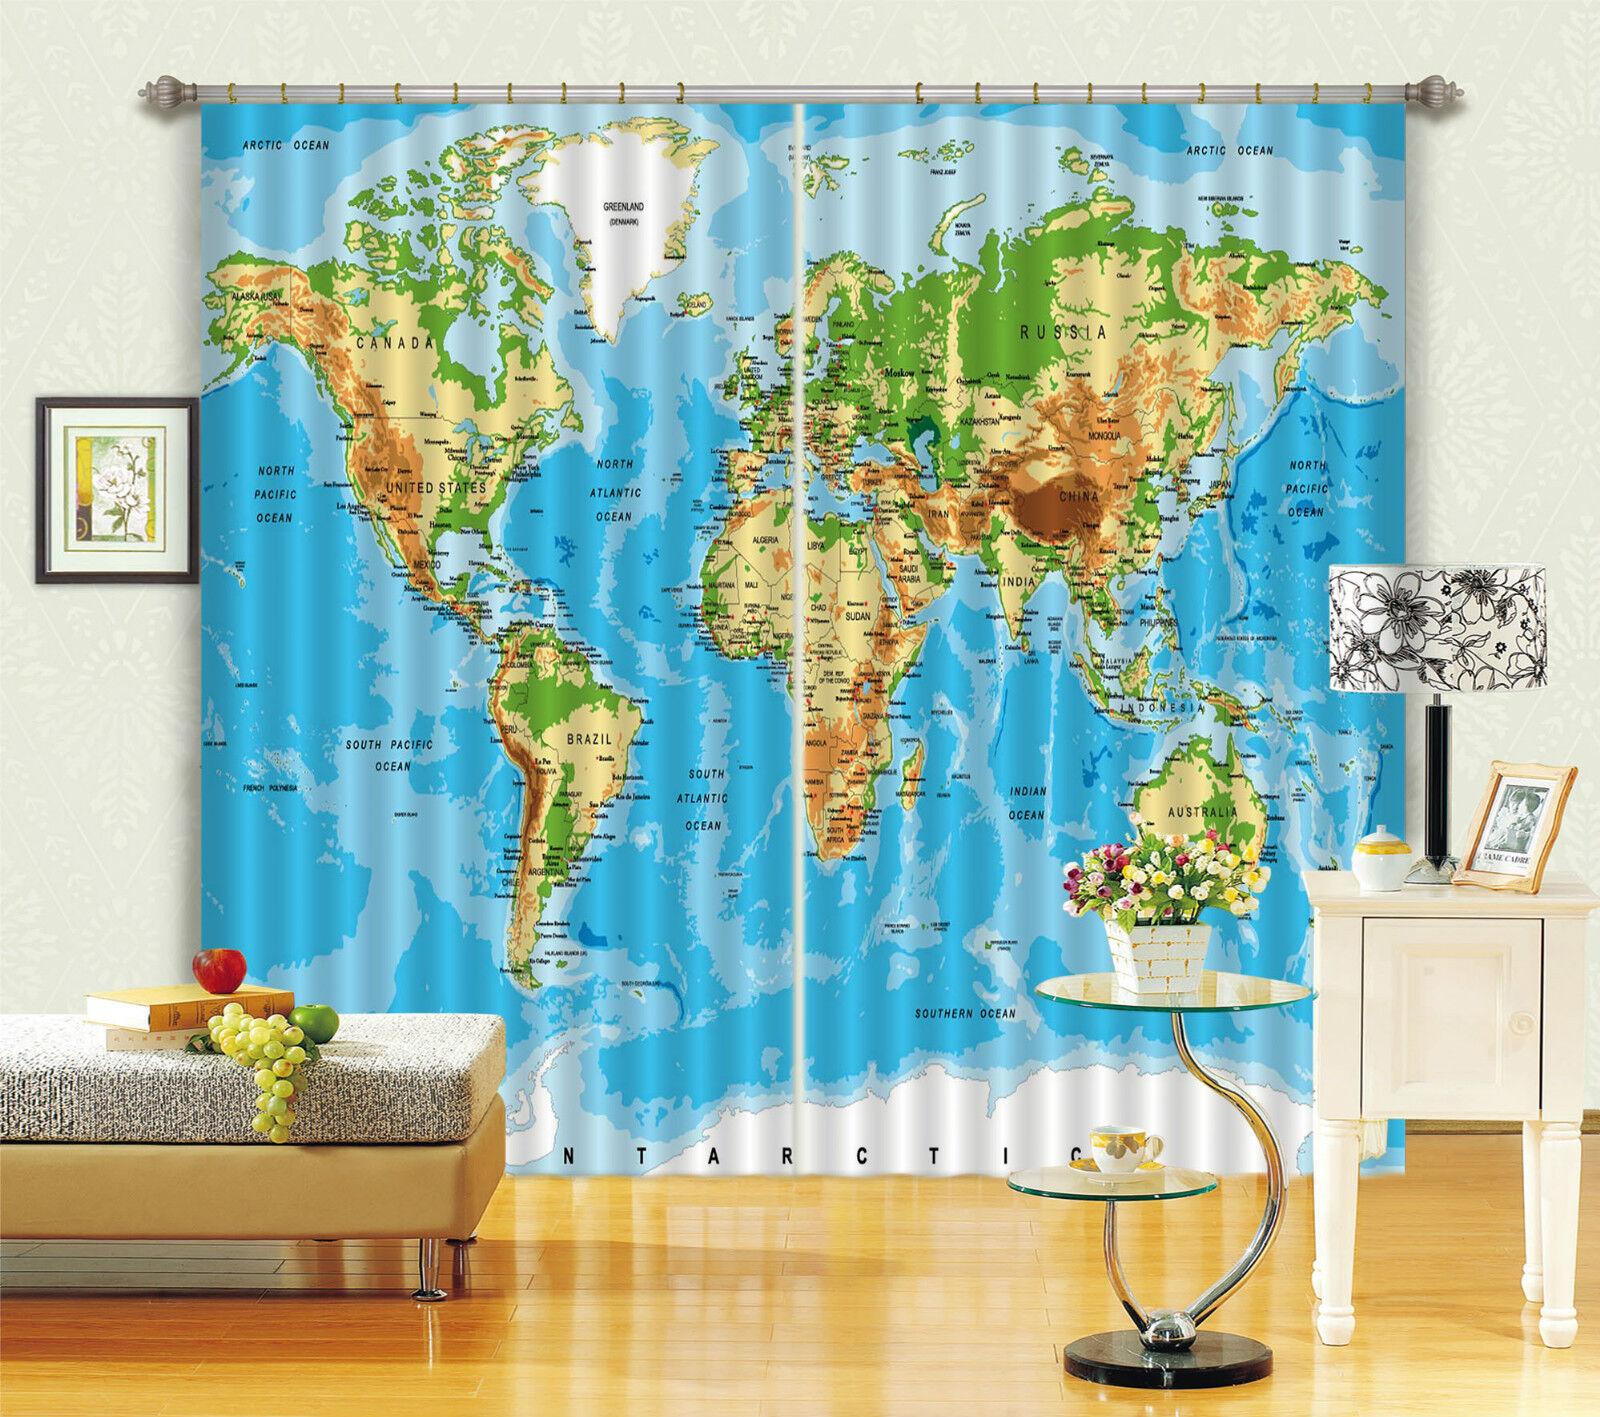 3d mondo grafico 153 blocco foto sipario pressione sipario tende tessuto finestra de